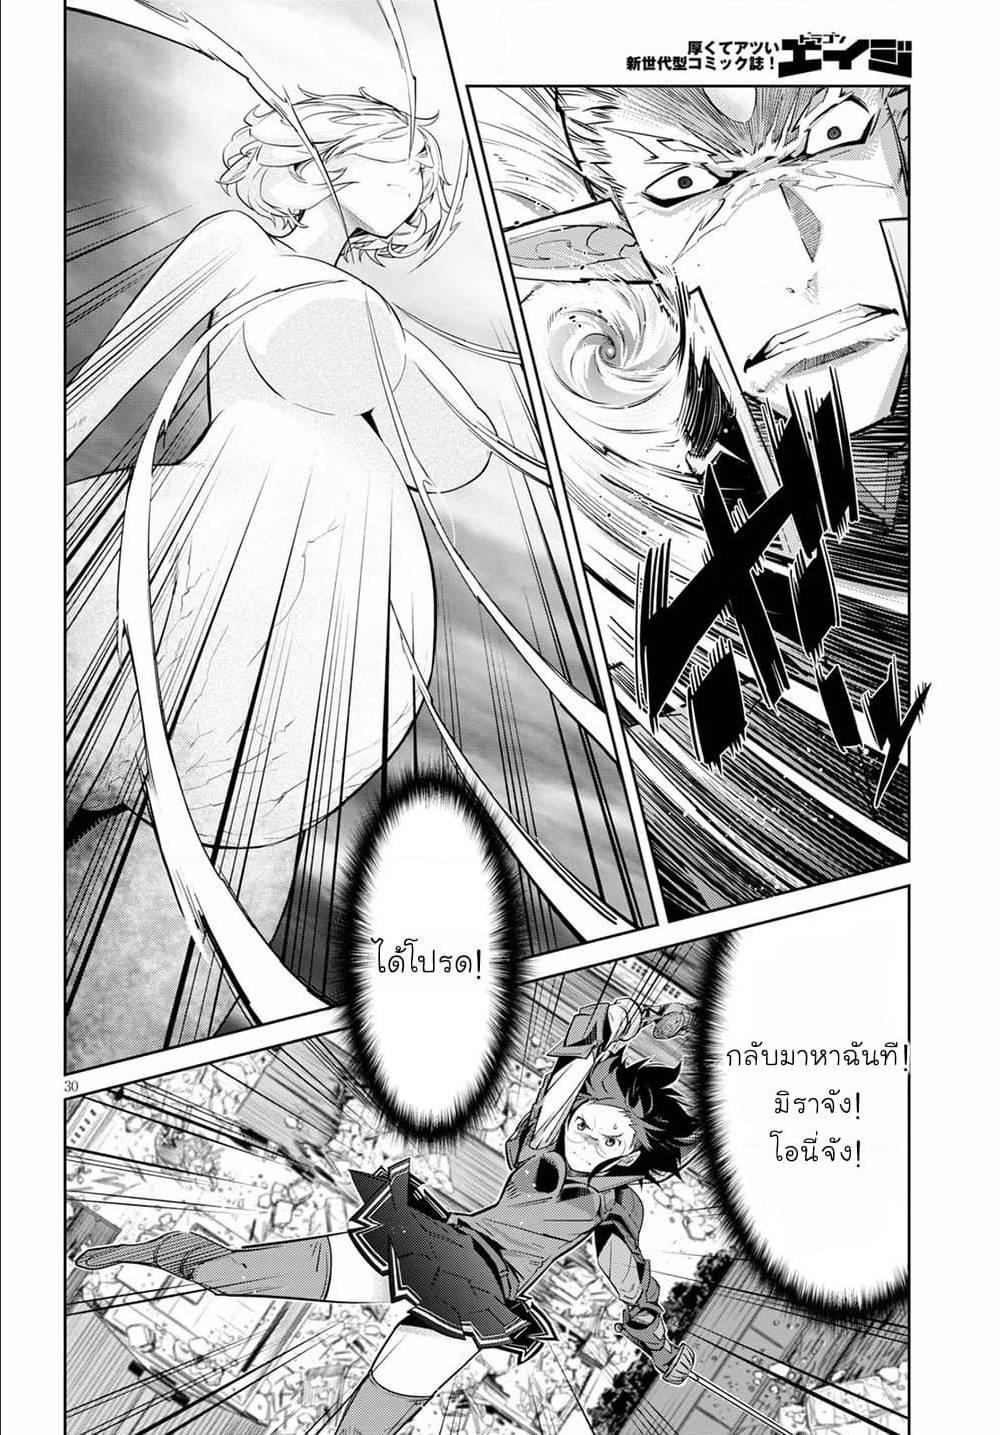 อ่านการ์ตูน Game obu Familia - Family Senki ตอนที่ 30 หน้าที่ 29